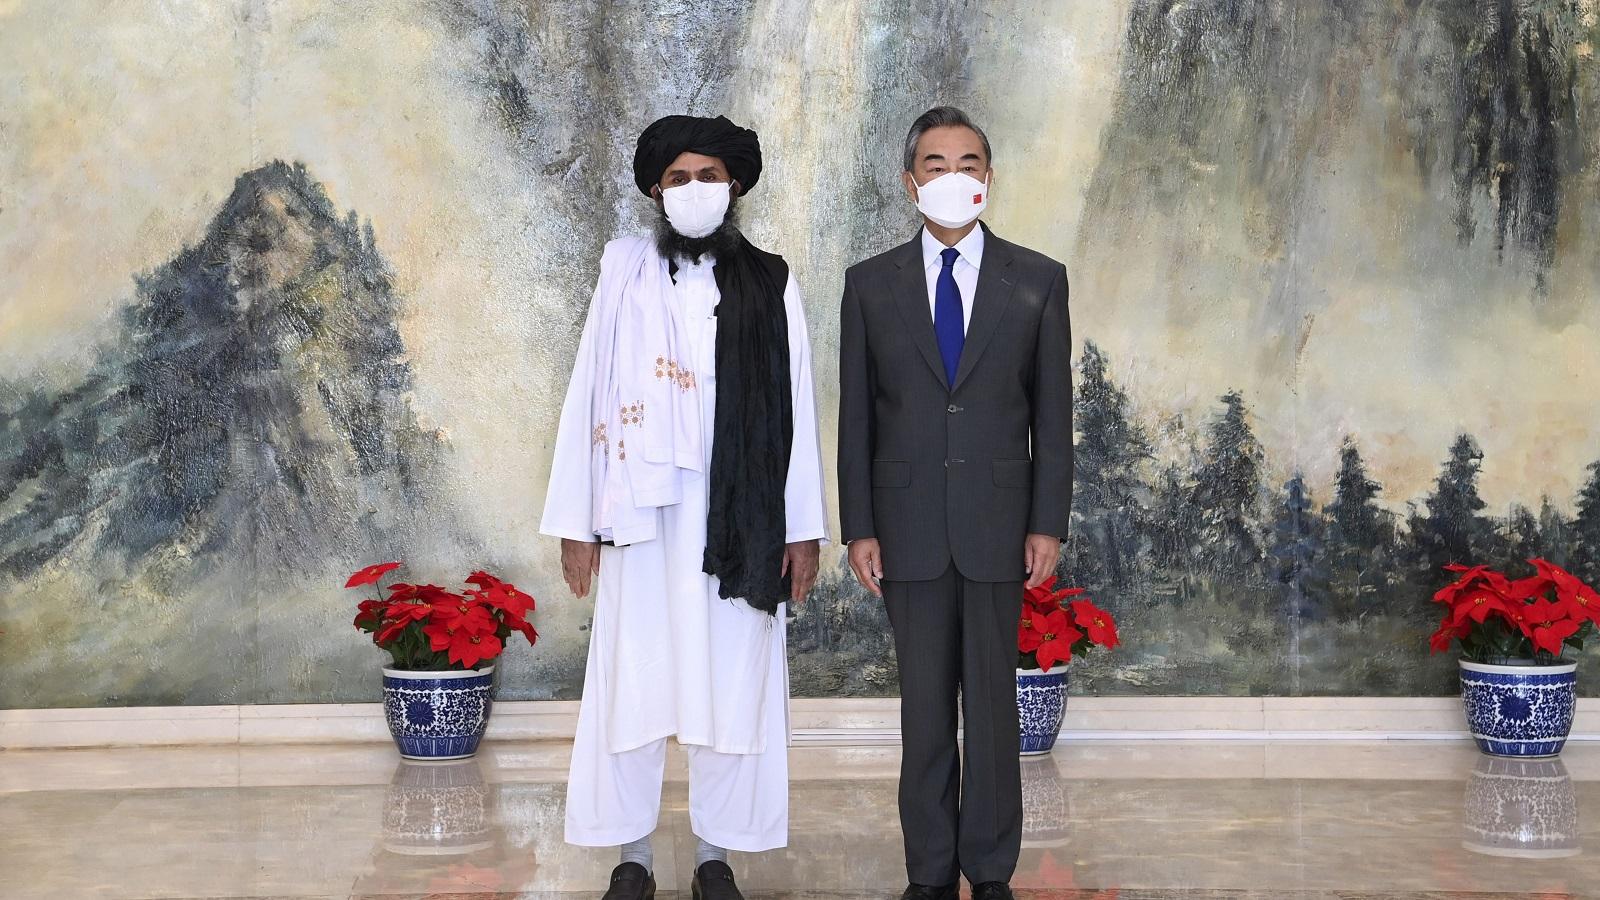 阿富汗塔利班访问俄罗斯莫斯科和中国北京并与两国官员会晤插图14-小狮座俄罗斯留学